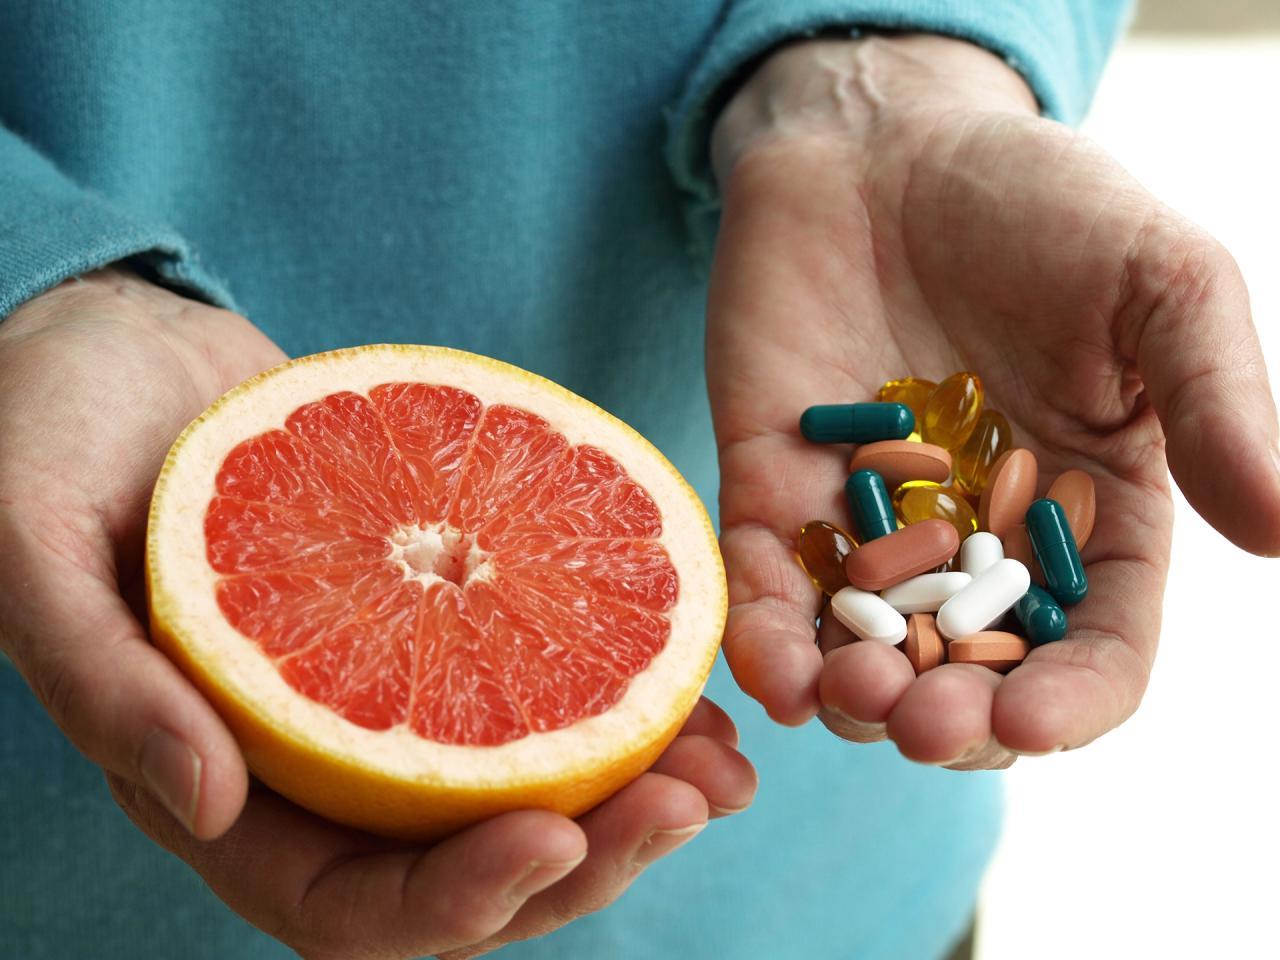 Все болезни — от кислот! Вот 10 способов восстановить баланс!